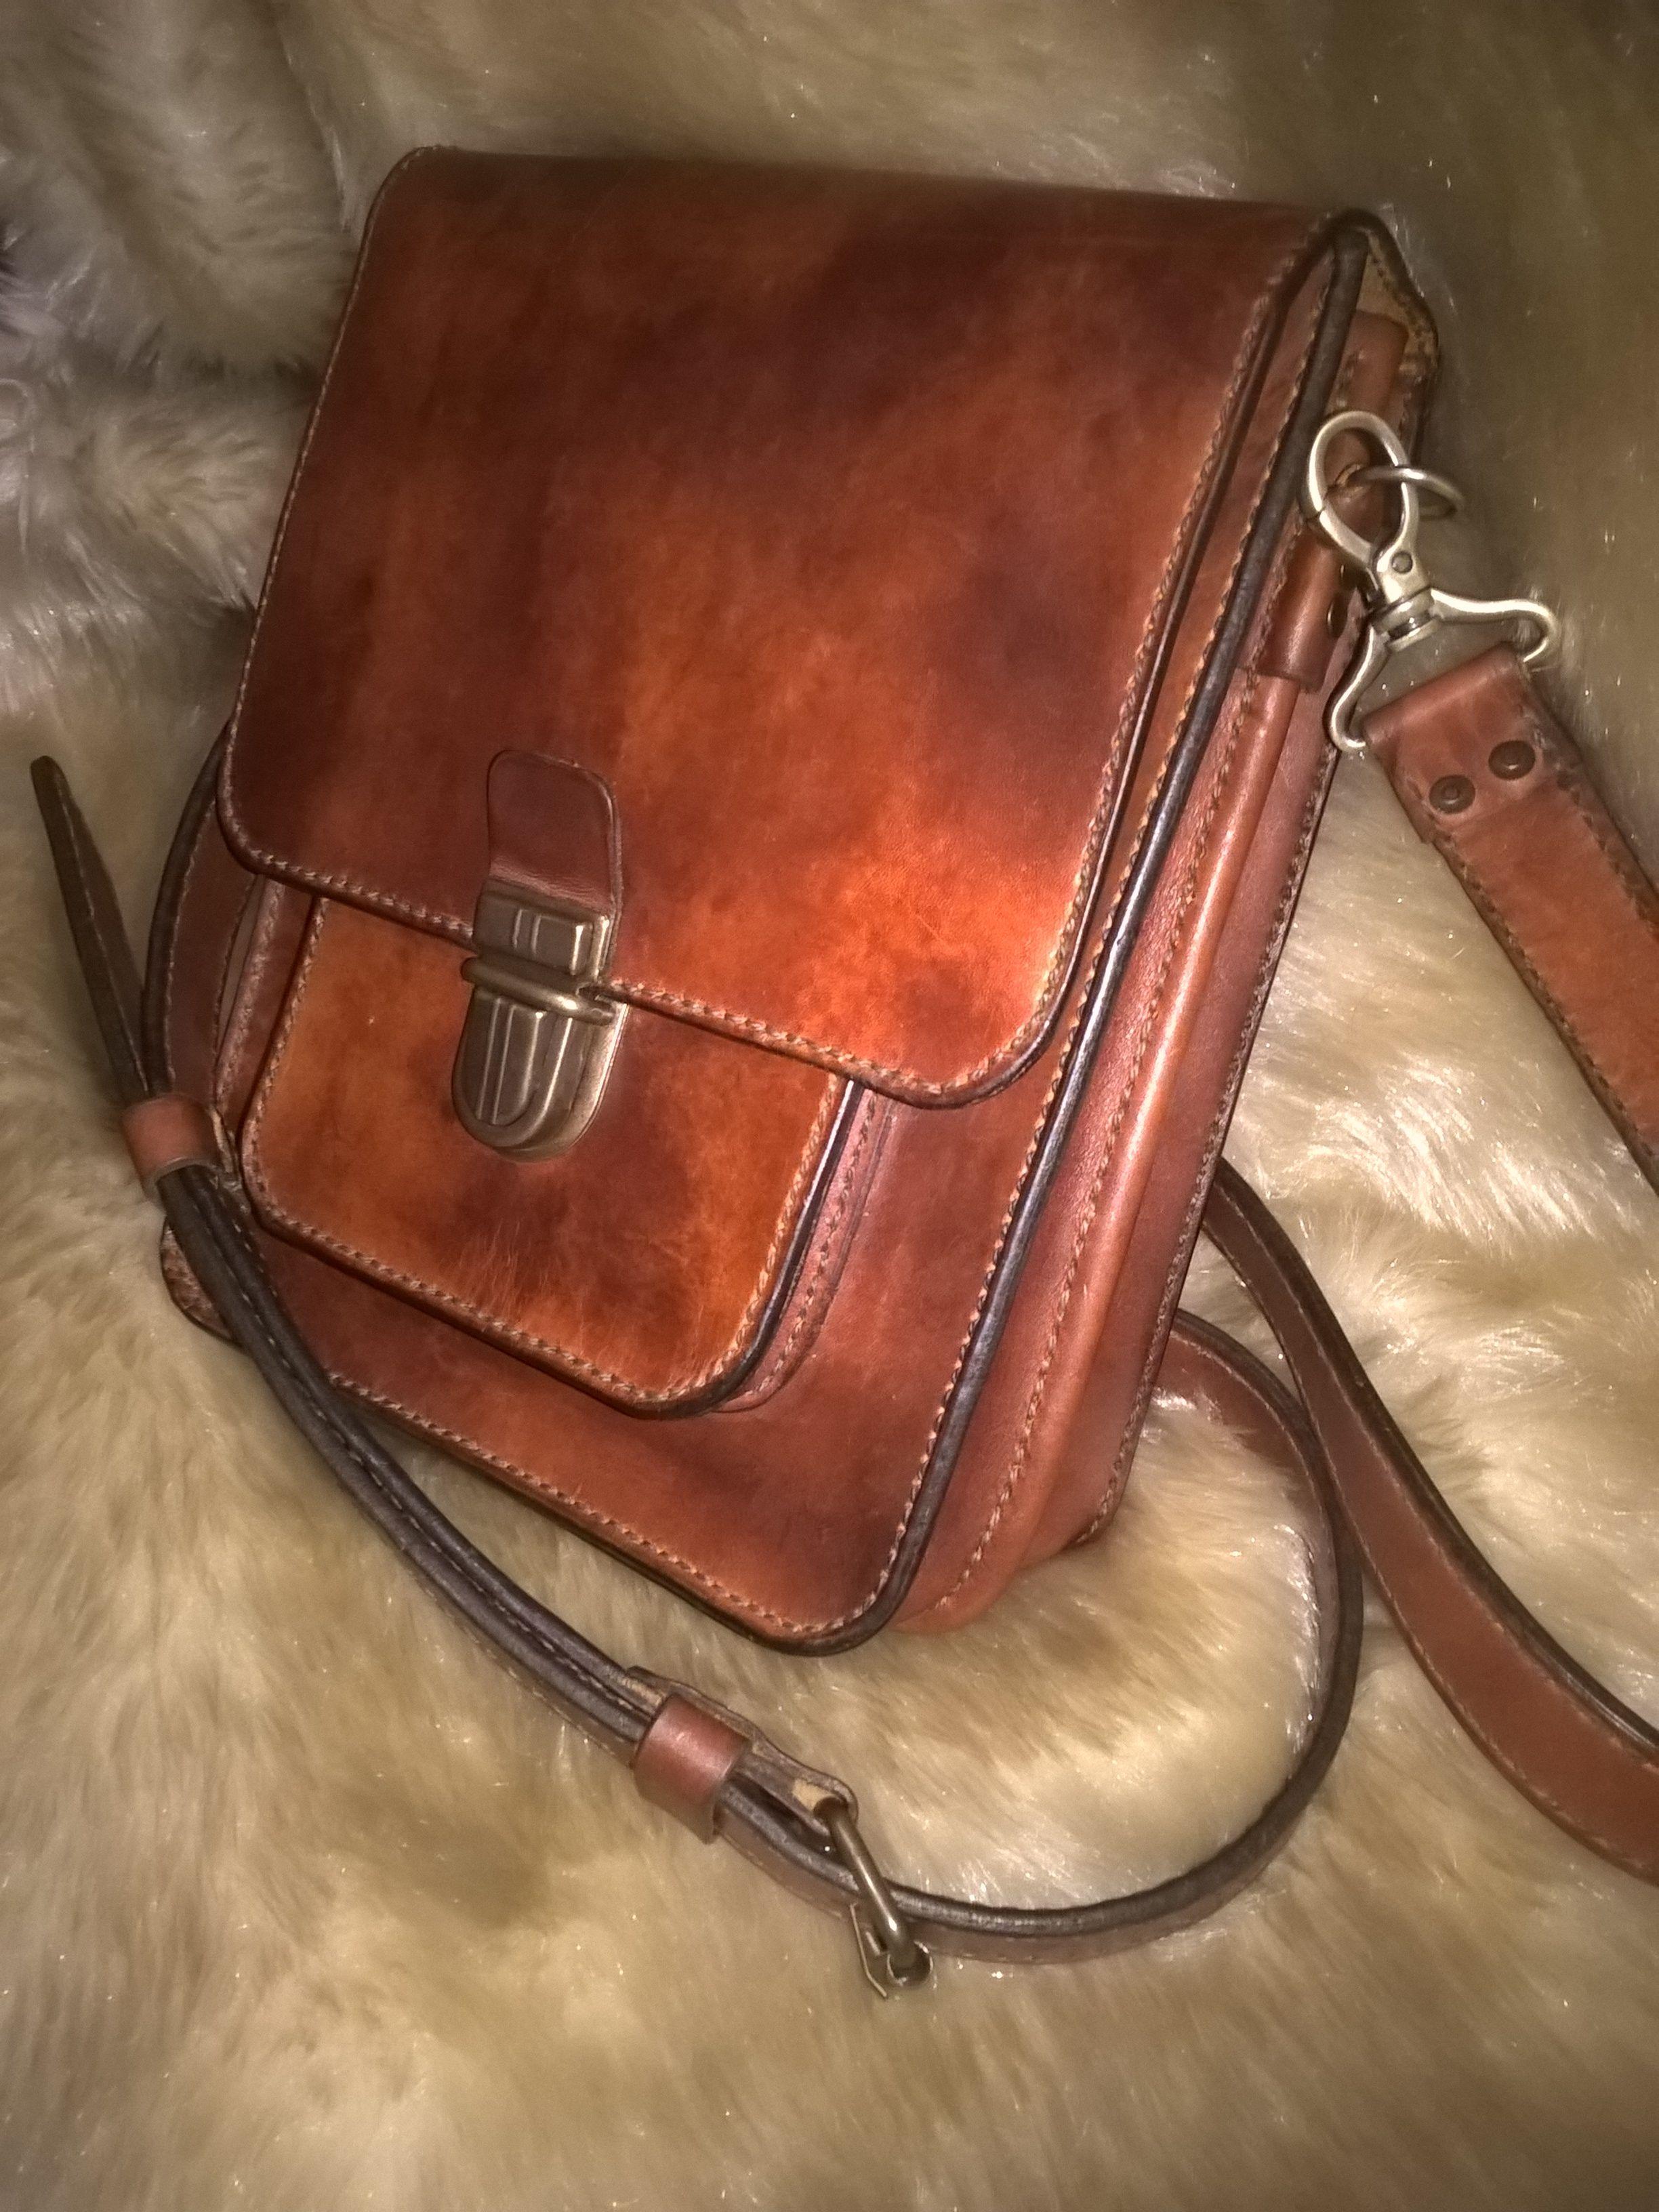 9839981a35052 Мужская кожаная сумка ручной работы. Цена 90$ Работа По Коже, Седельные  Вьюки,